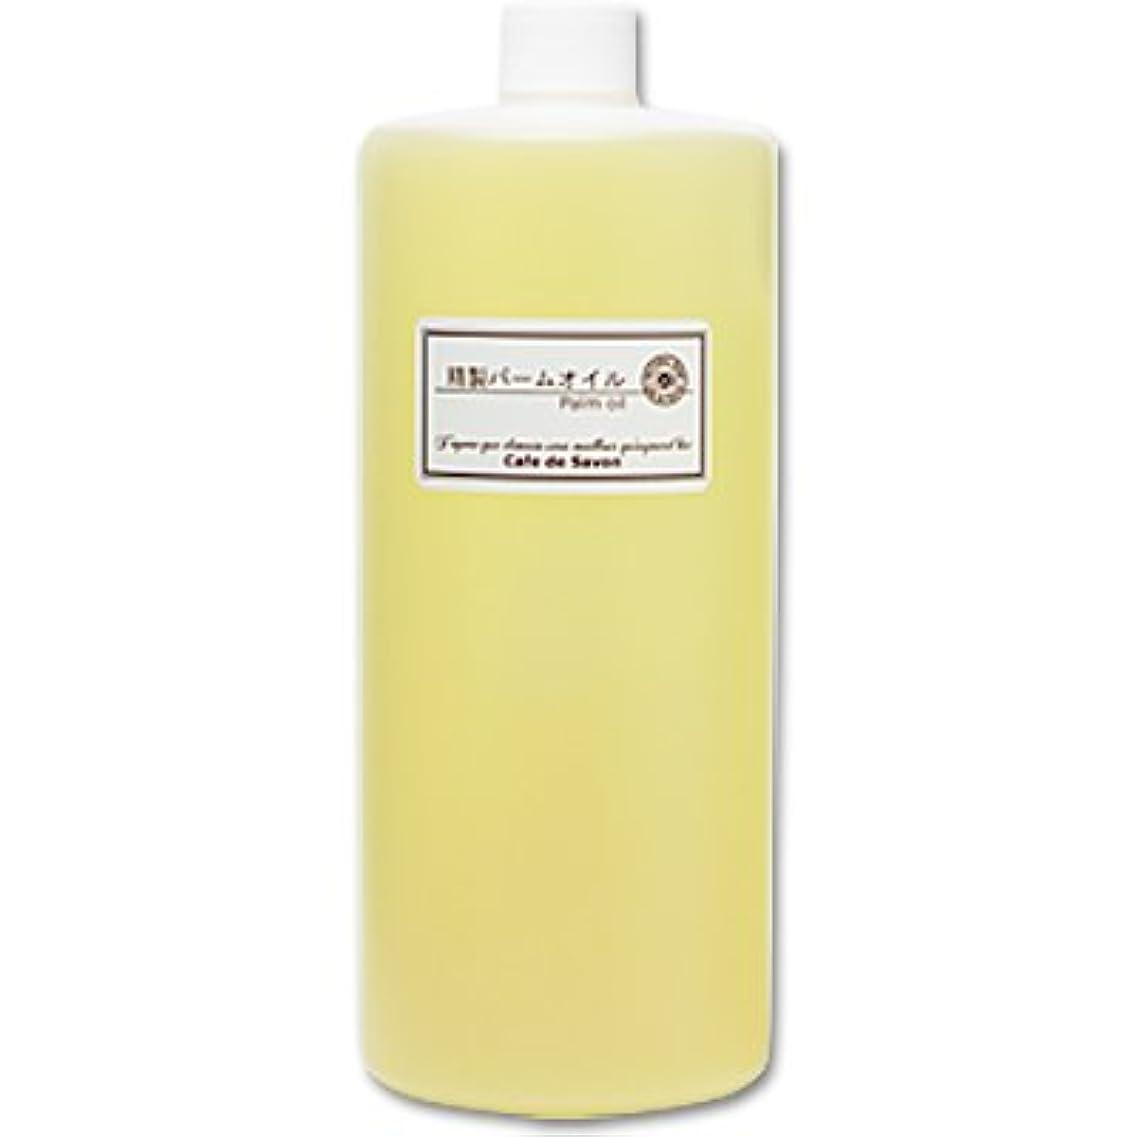 不合格炭素広範囲精製パームオイル 1Lパーム油 【手作り石鹸/手作り石けん/手作りコスメ】